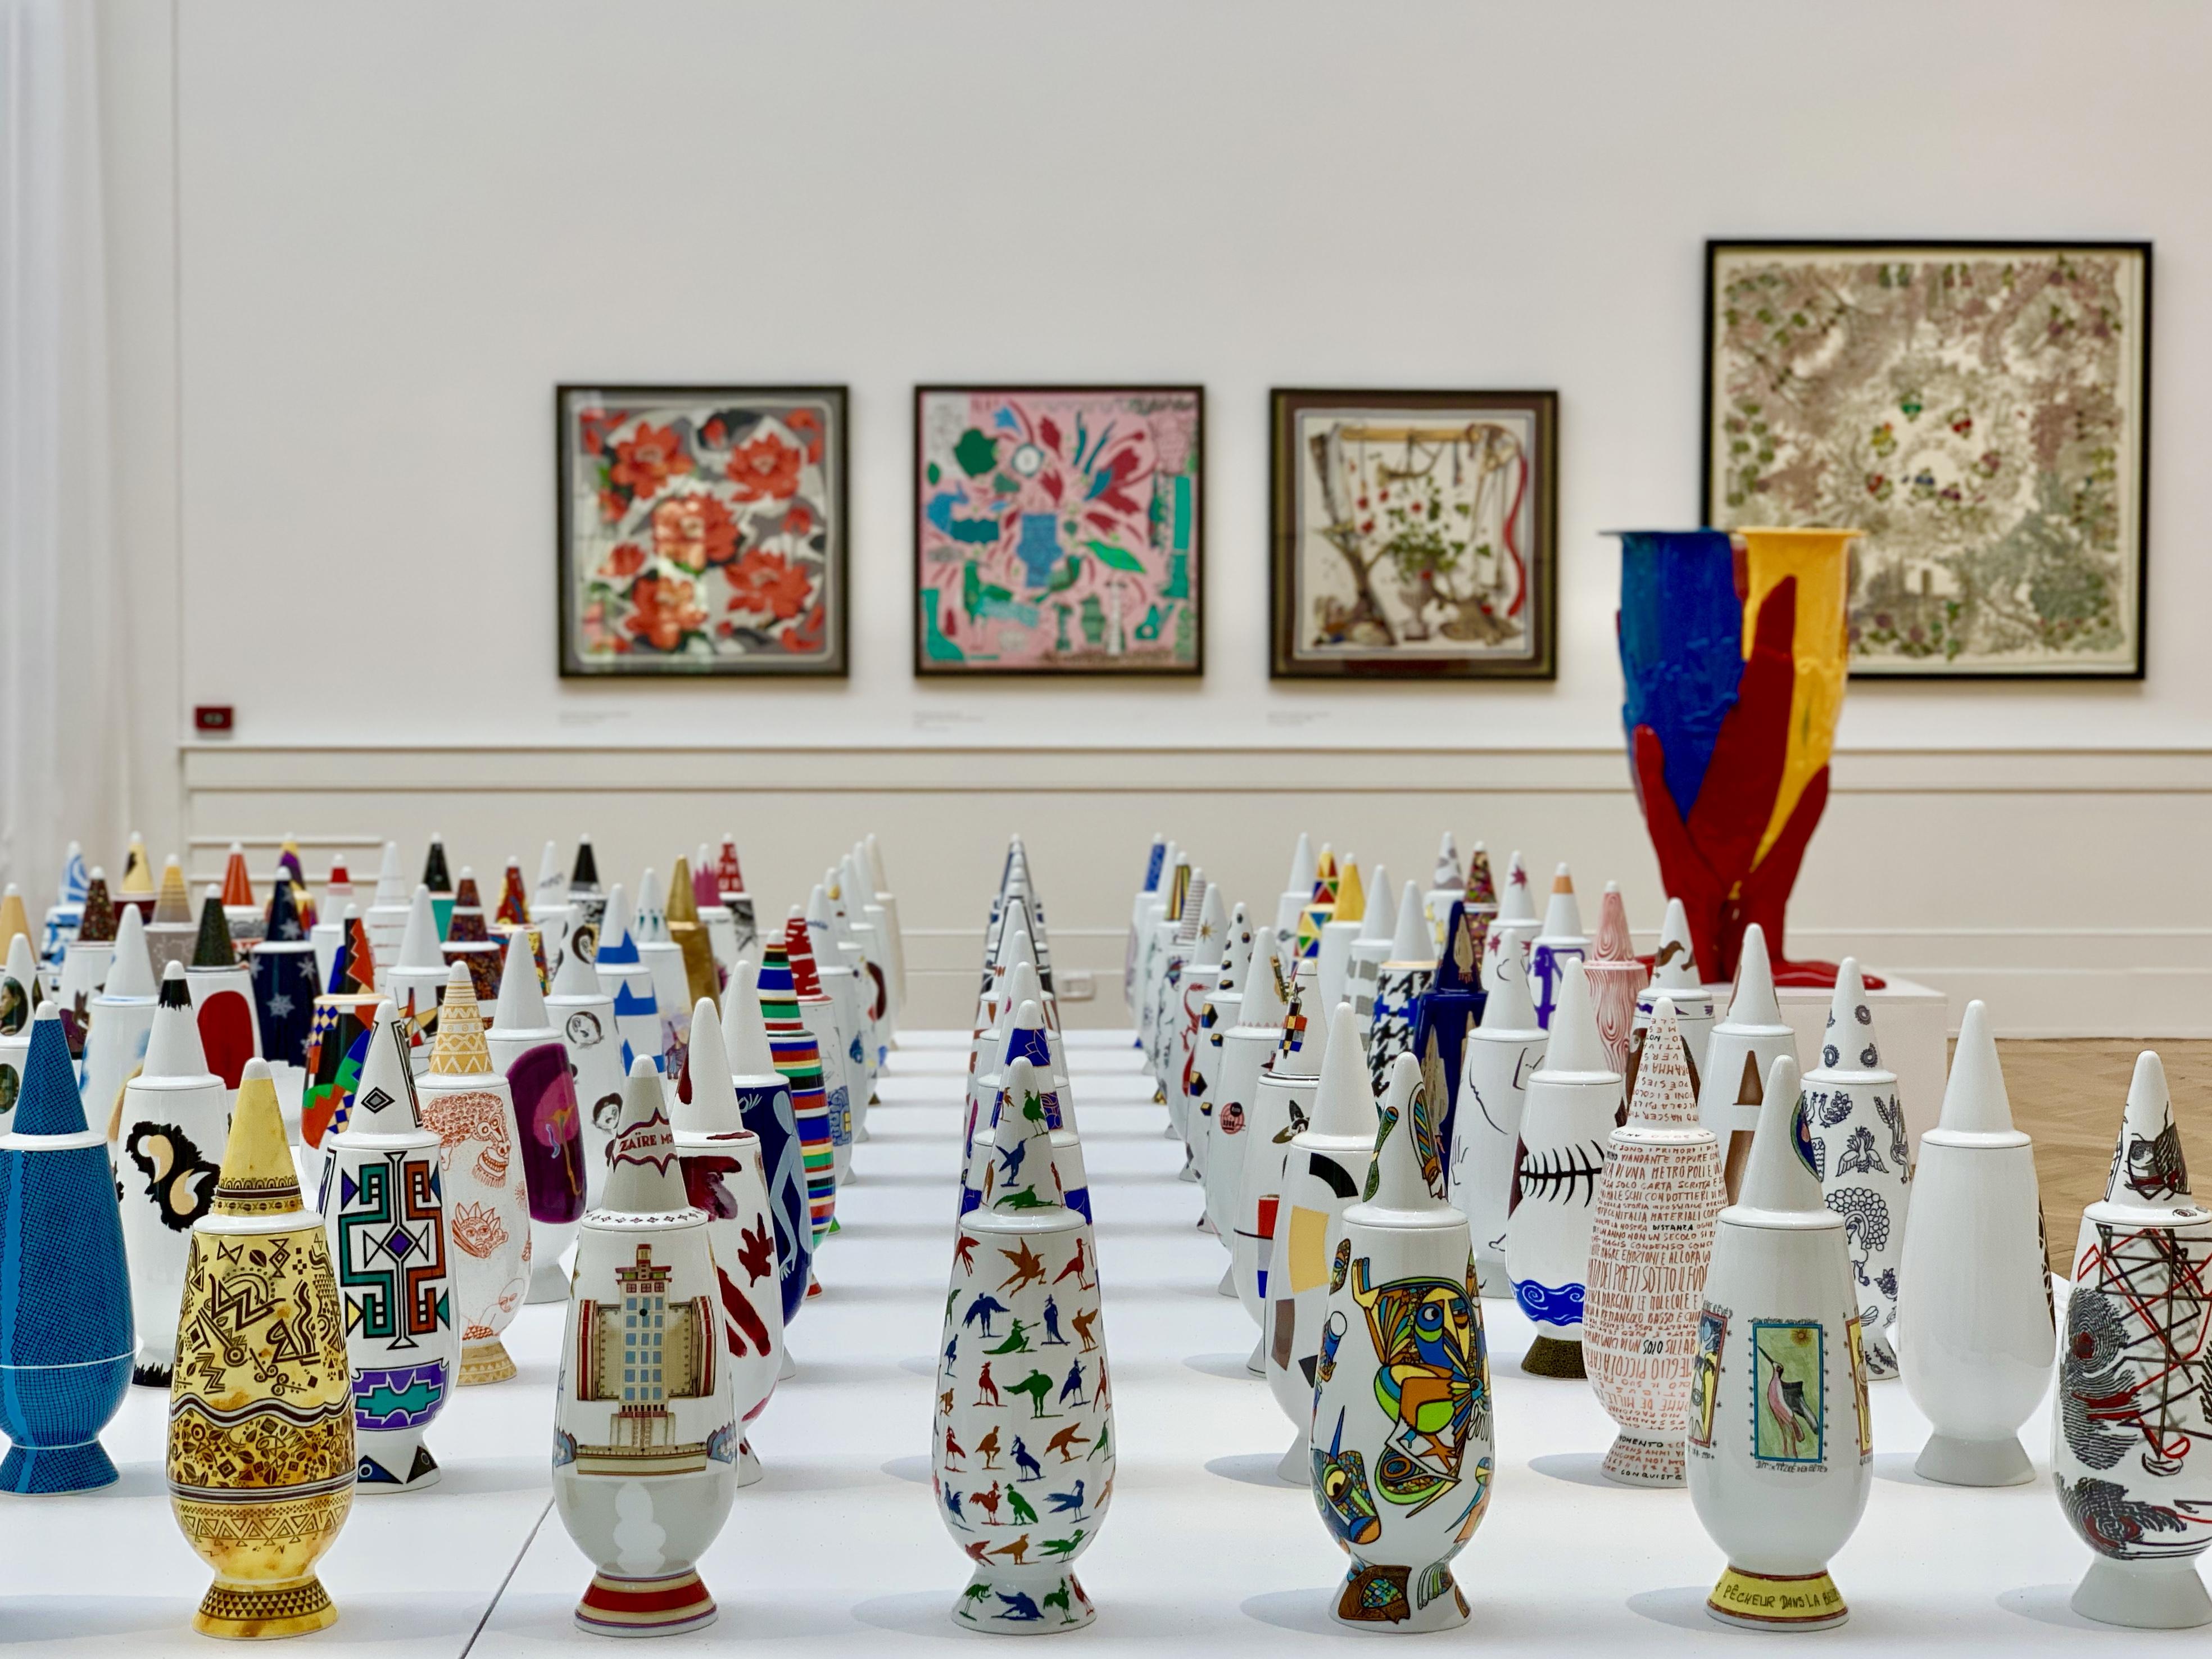 現在会期中の「ON THE FLOWER –The role of the vase in Arts, Crafts and Design.」コンテンポラリーアートと花瓶との関係性をテーマにした、彫刻、写真、絵画など約80作品が展示